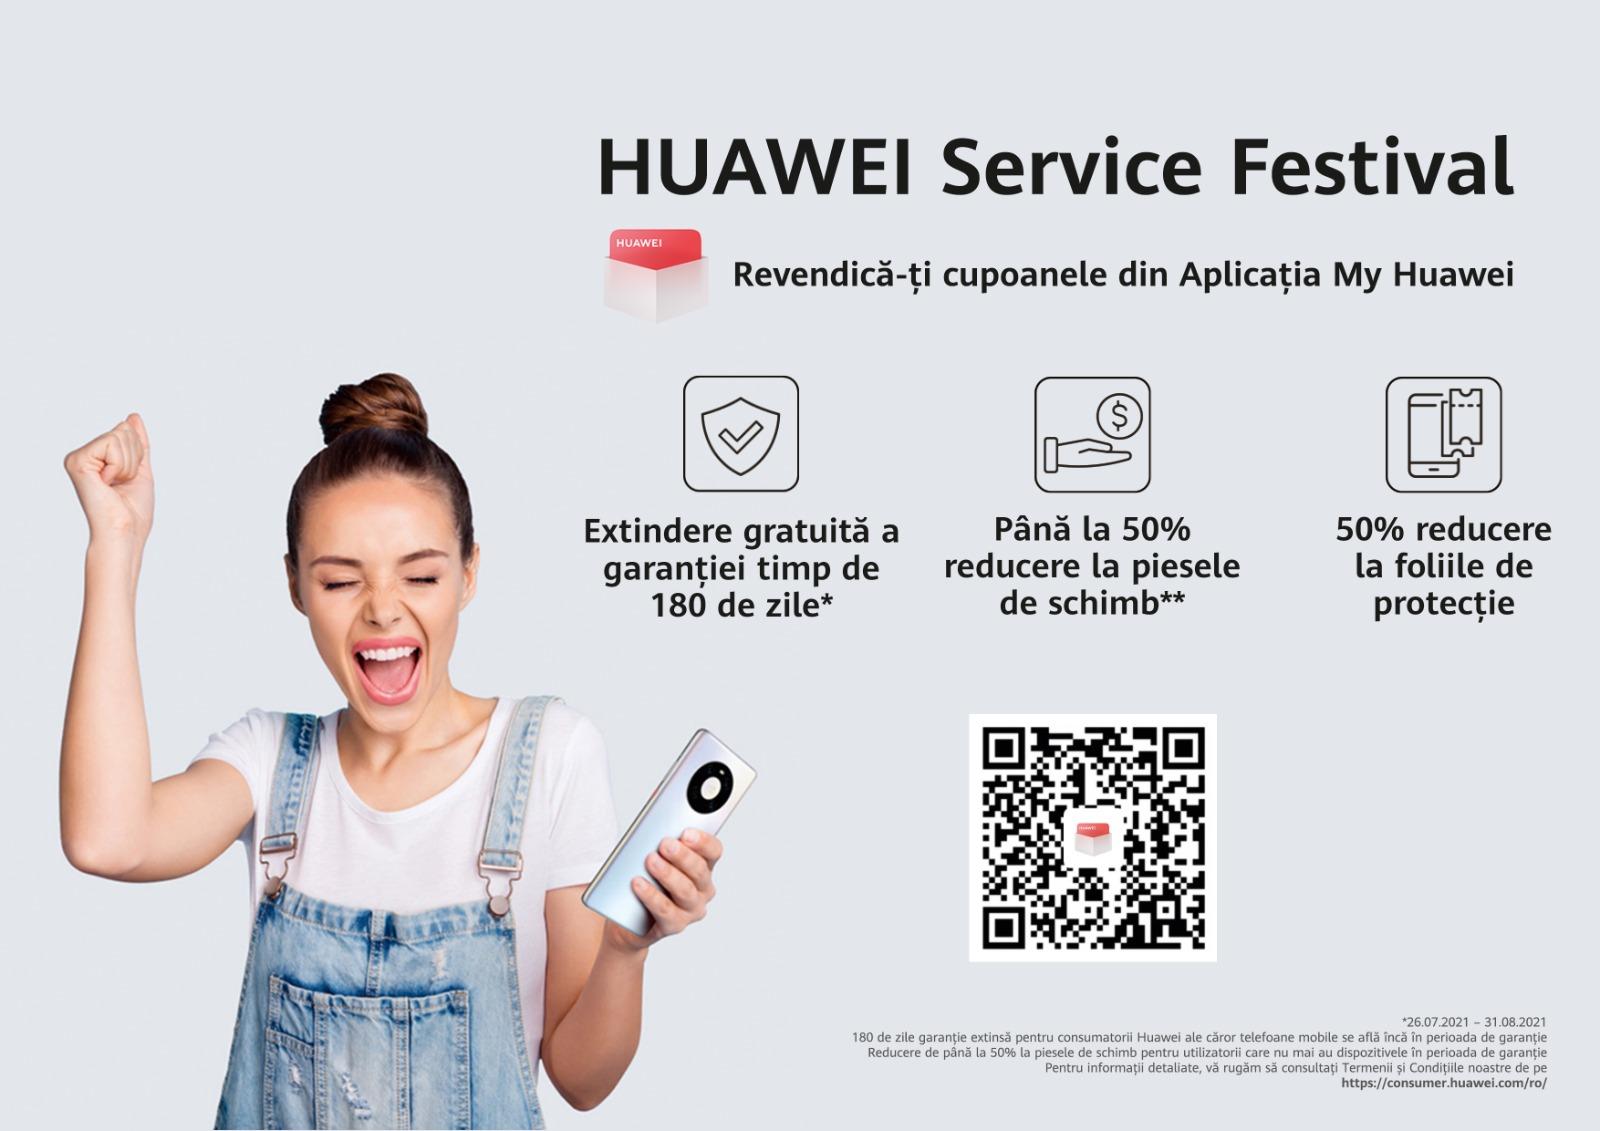 Huawei lansează aplicația MyHuawei și vine cu servicii și reduceri atractive în cadrul Huawei Service Festival